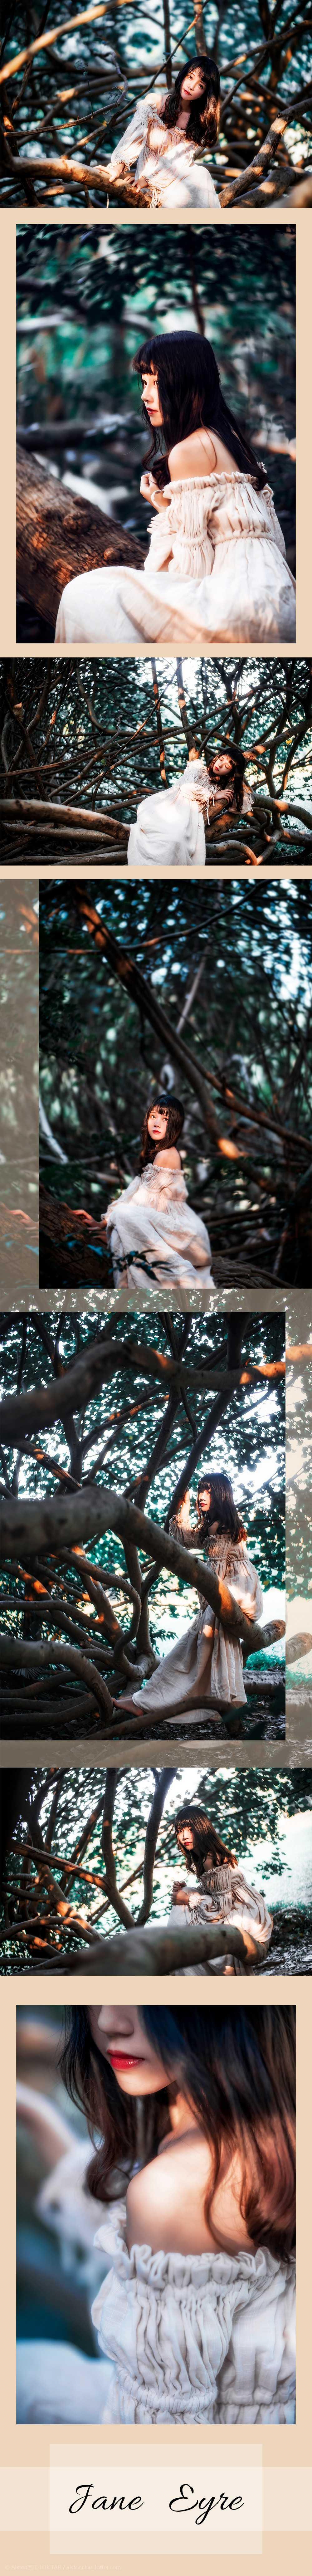 免费⭐微博红人⭐桜桃喵@写真cos-Jane Eyre(桜桃喵)插图2